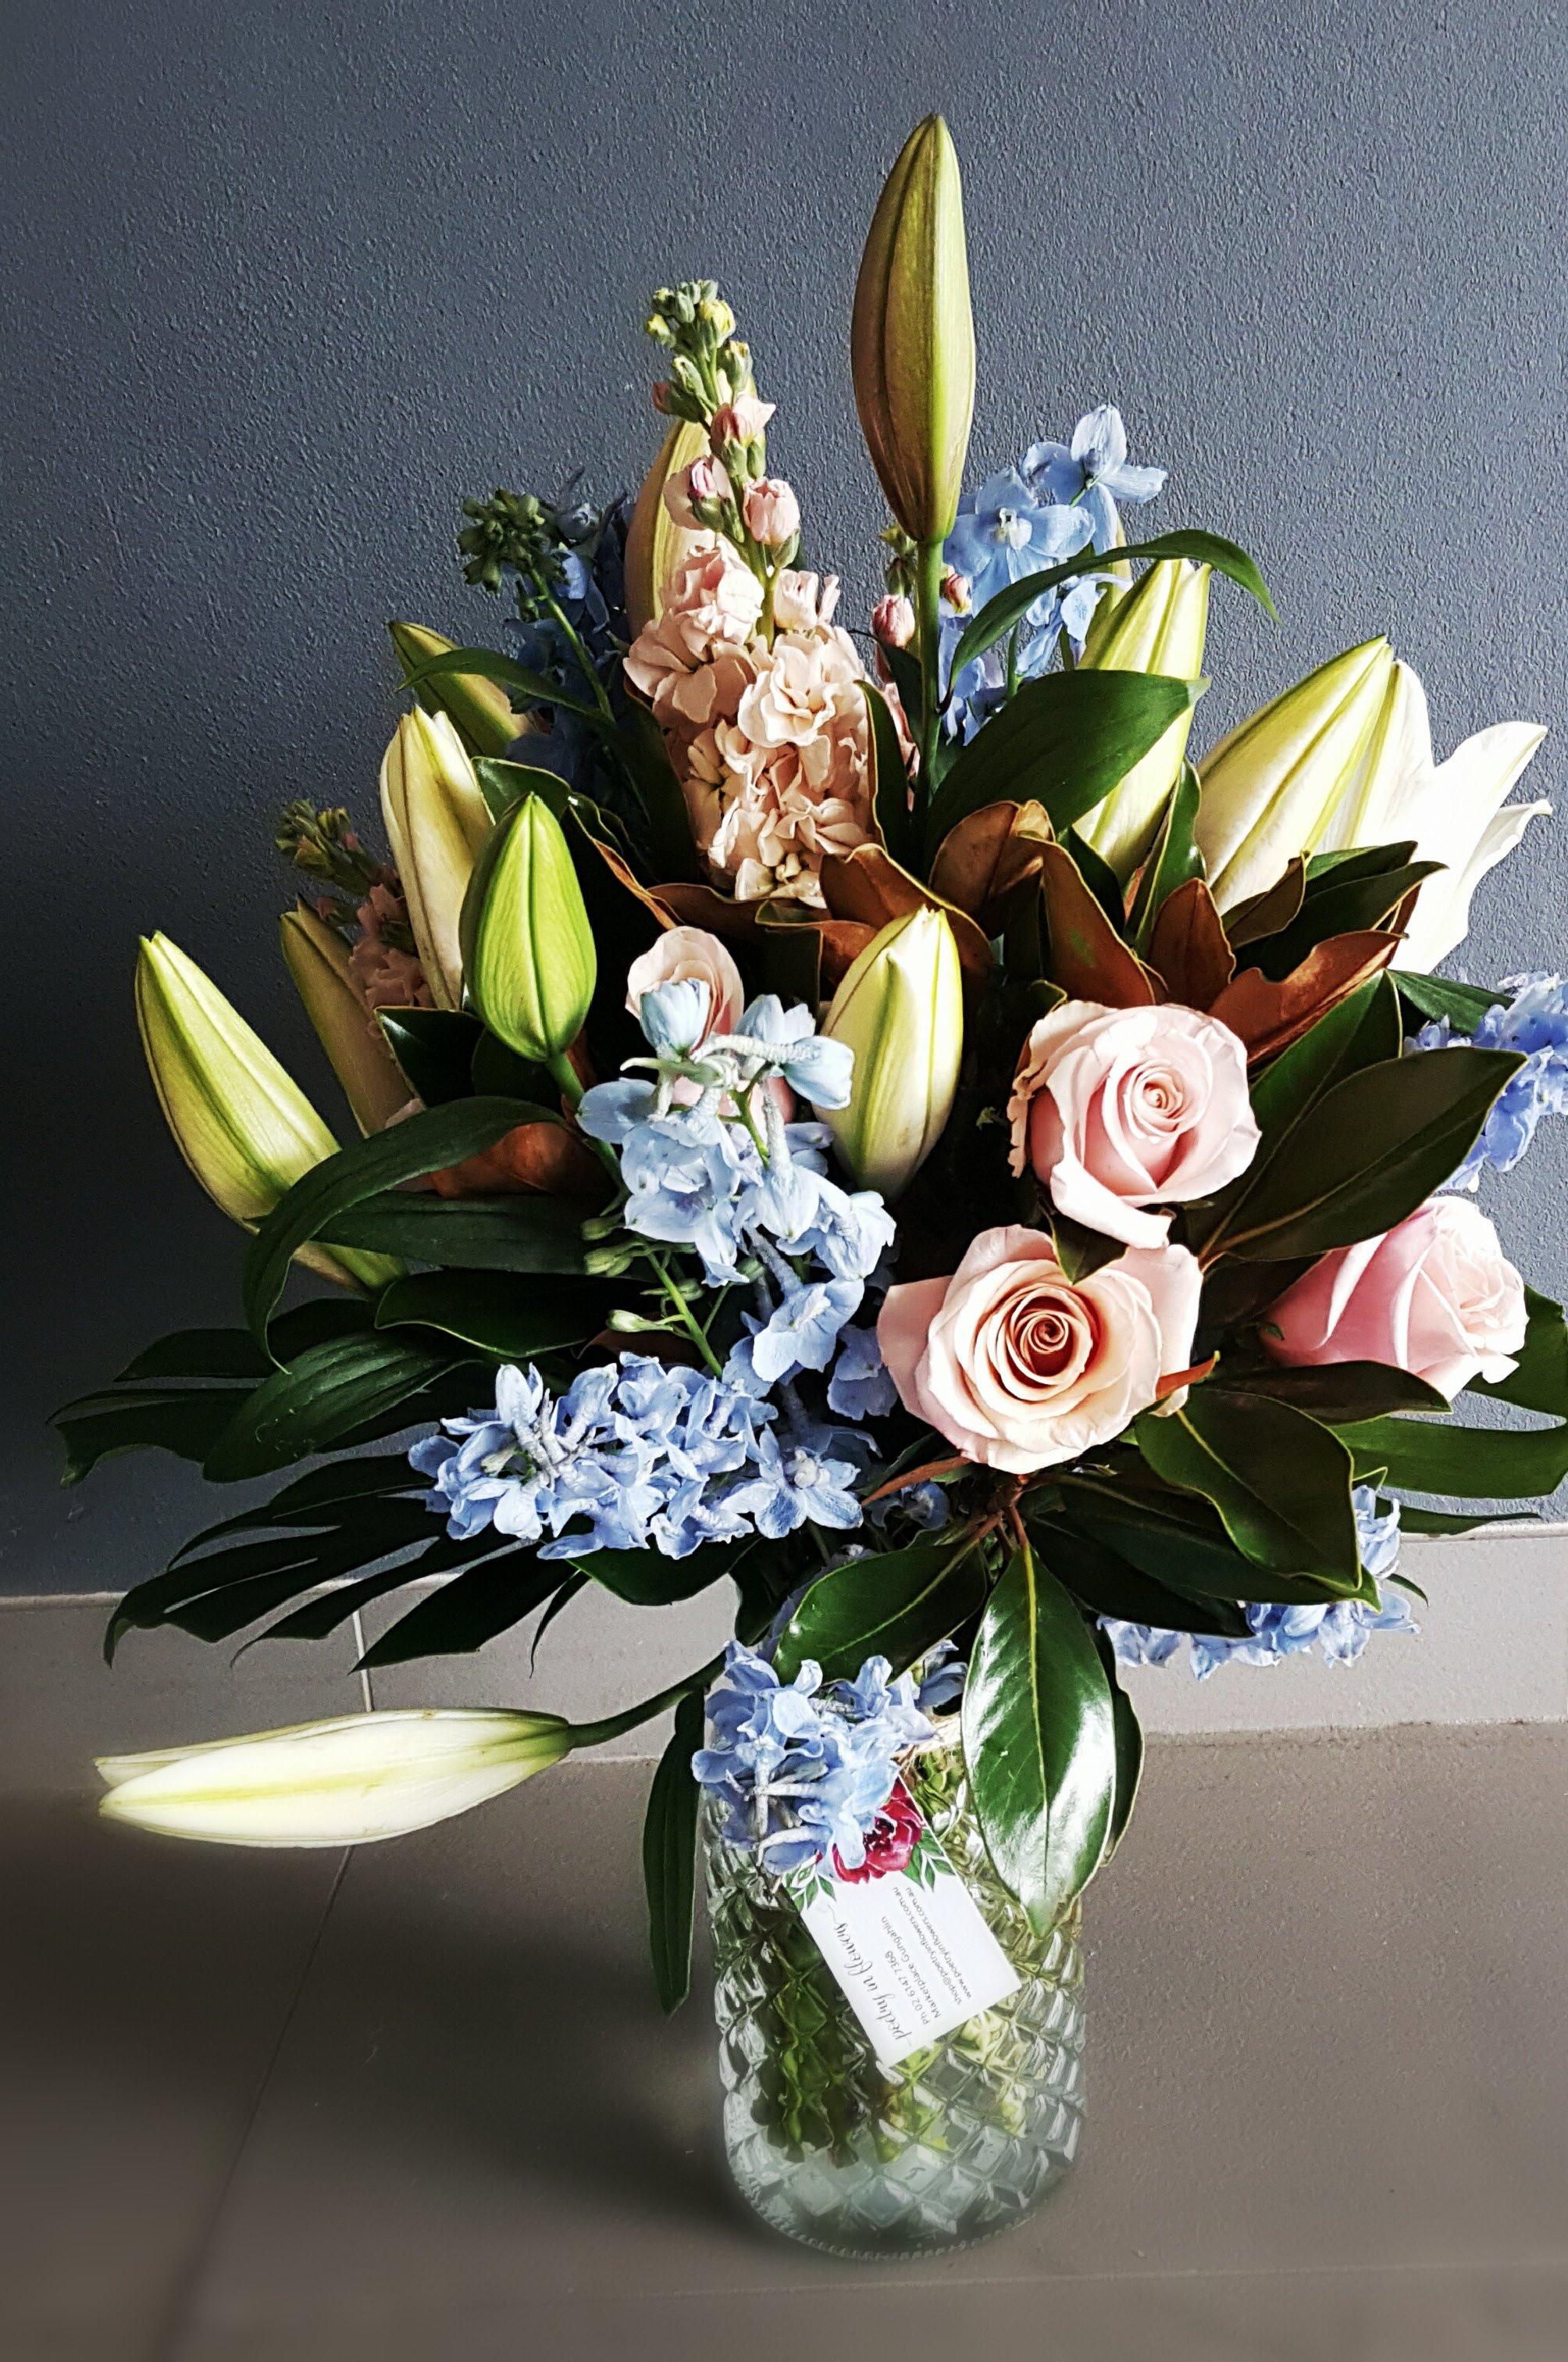 Gungahlin flower delivery Gungahlin florist Canberra florist Seasonal bouquet